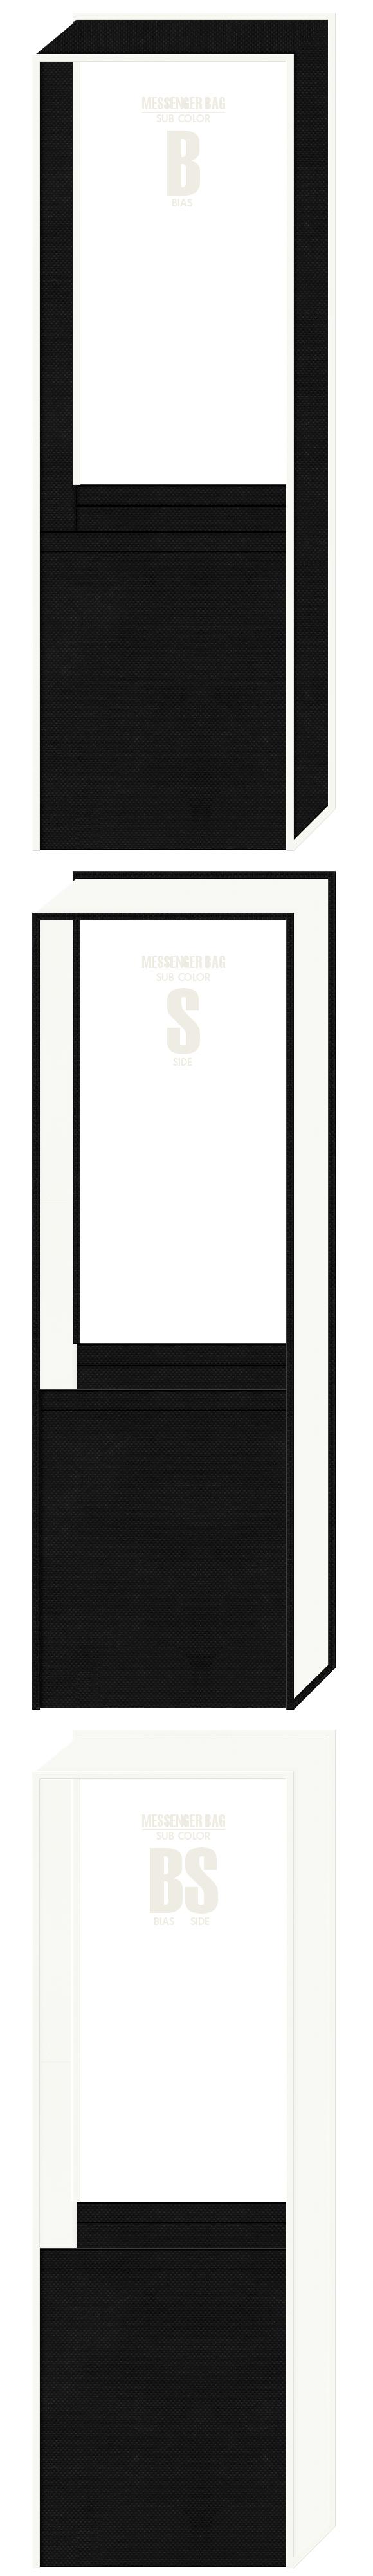 不織布メッセンジャーバッグのカラーシミュレーション(黒色・オフホワイト色)